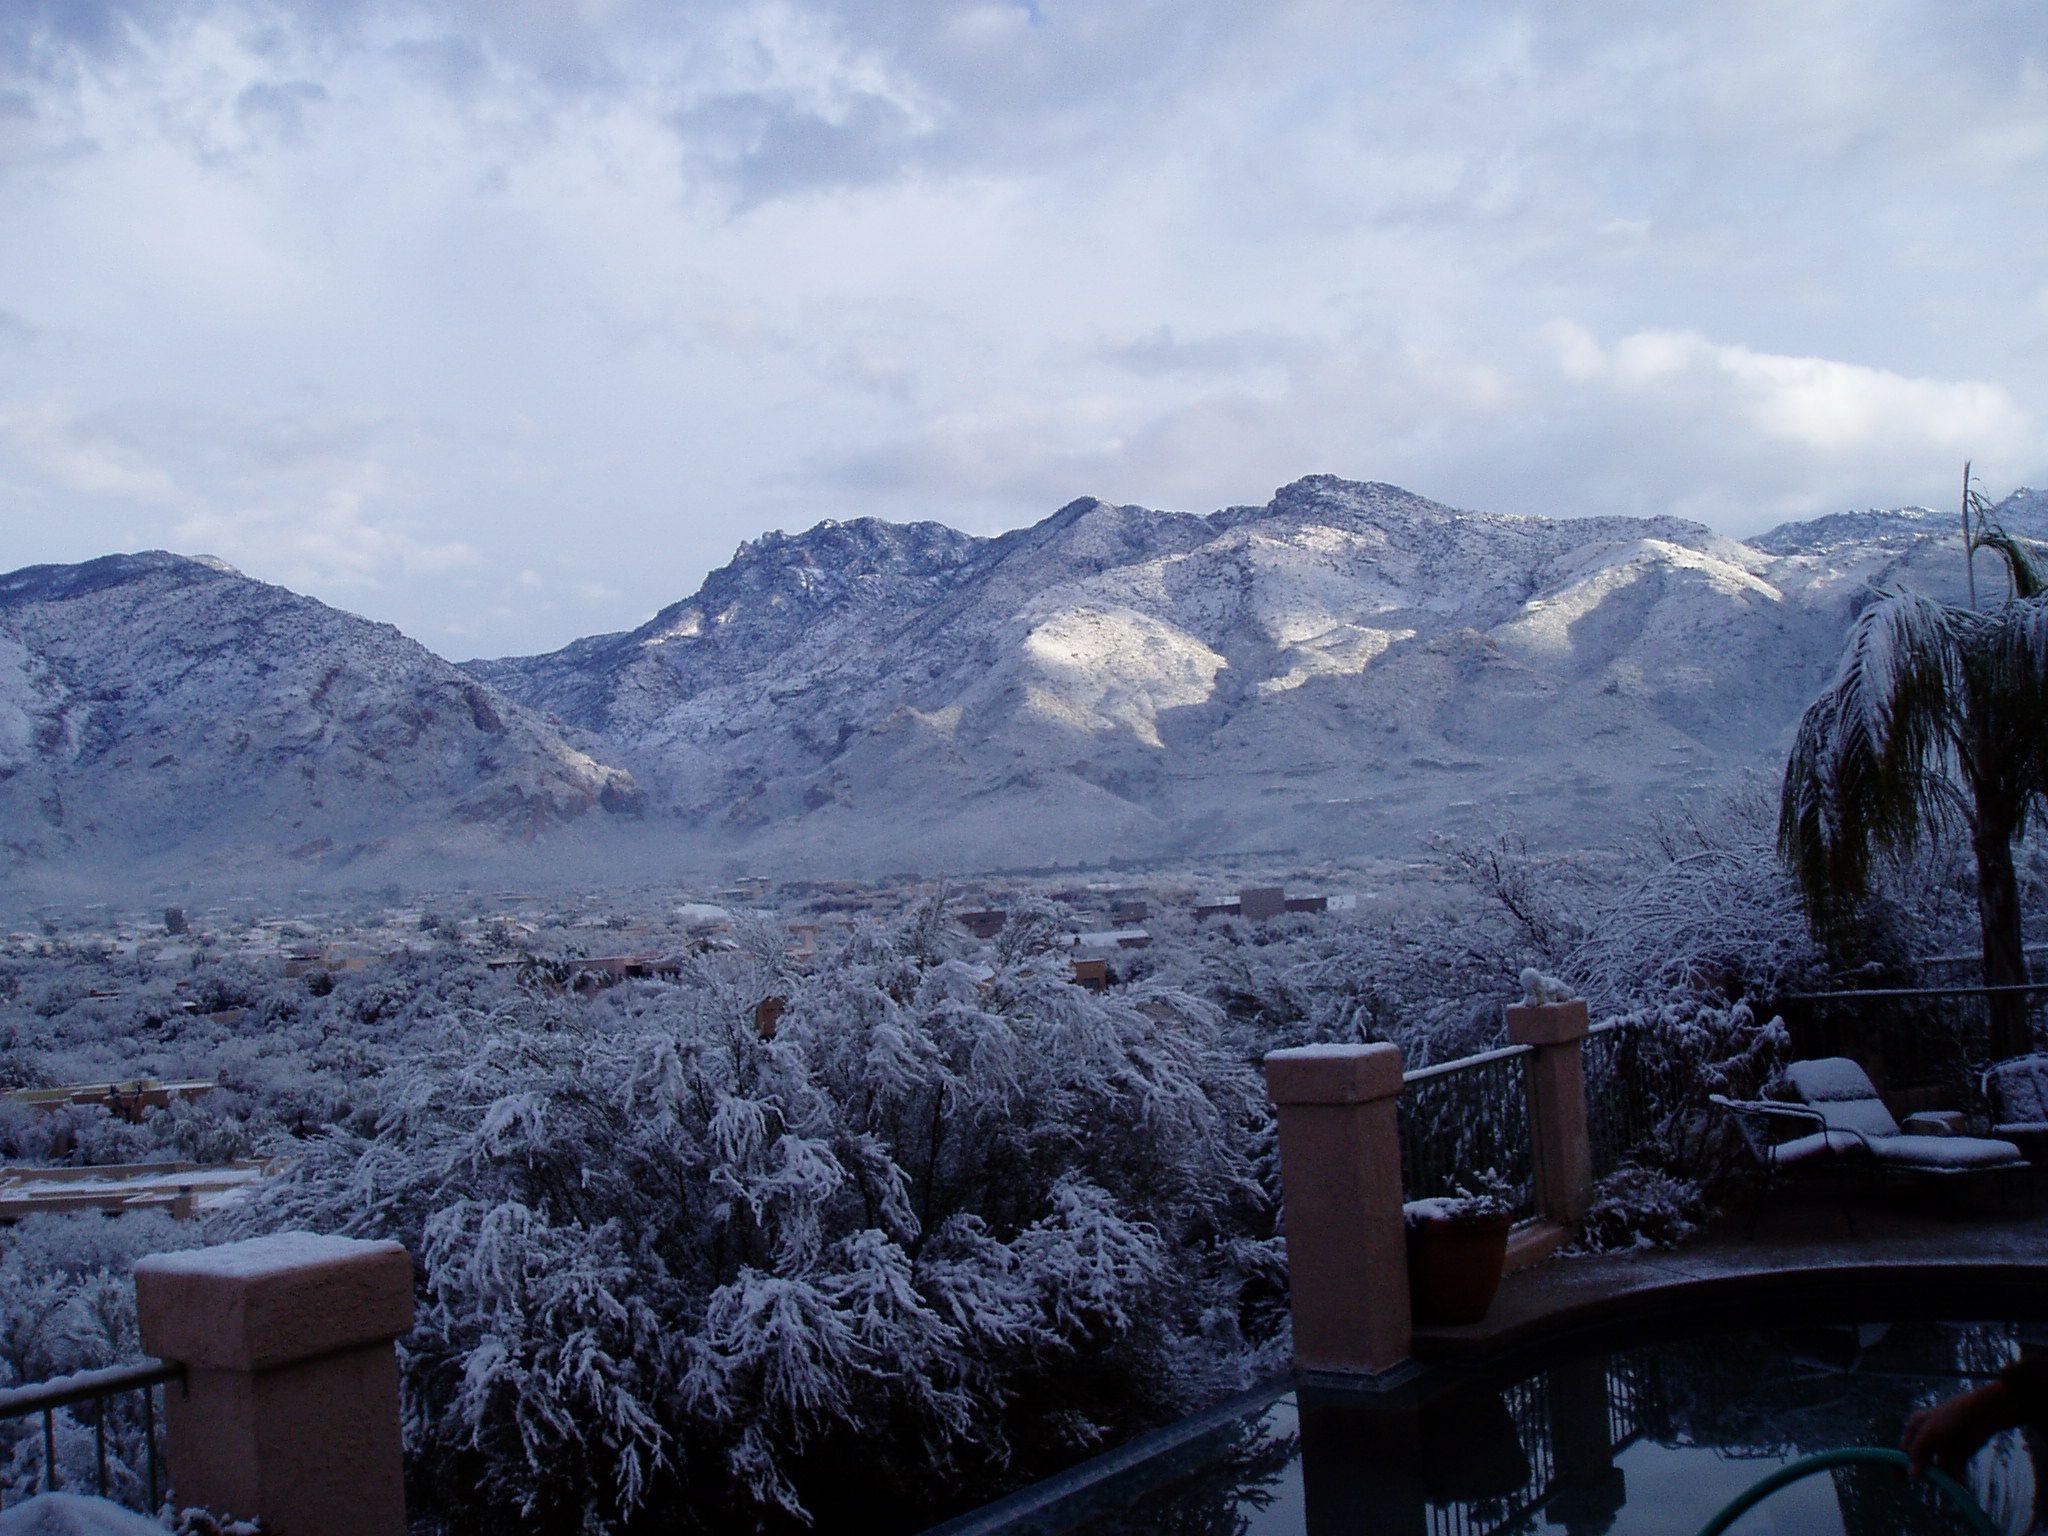 Snow even in Arizona. Beautiful!